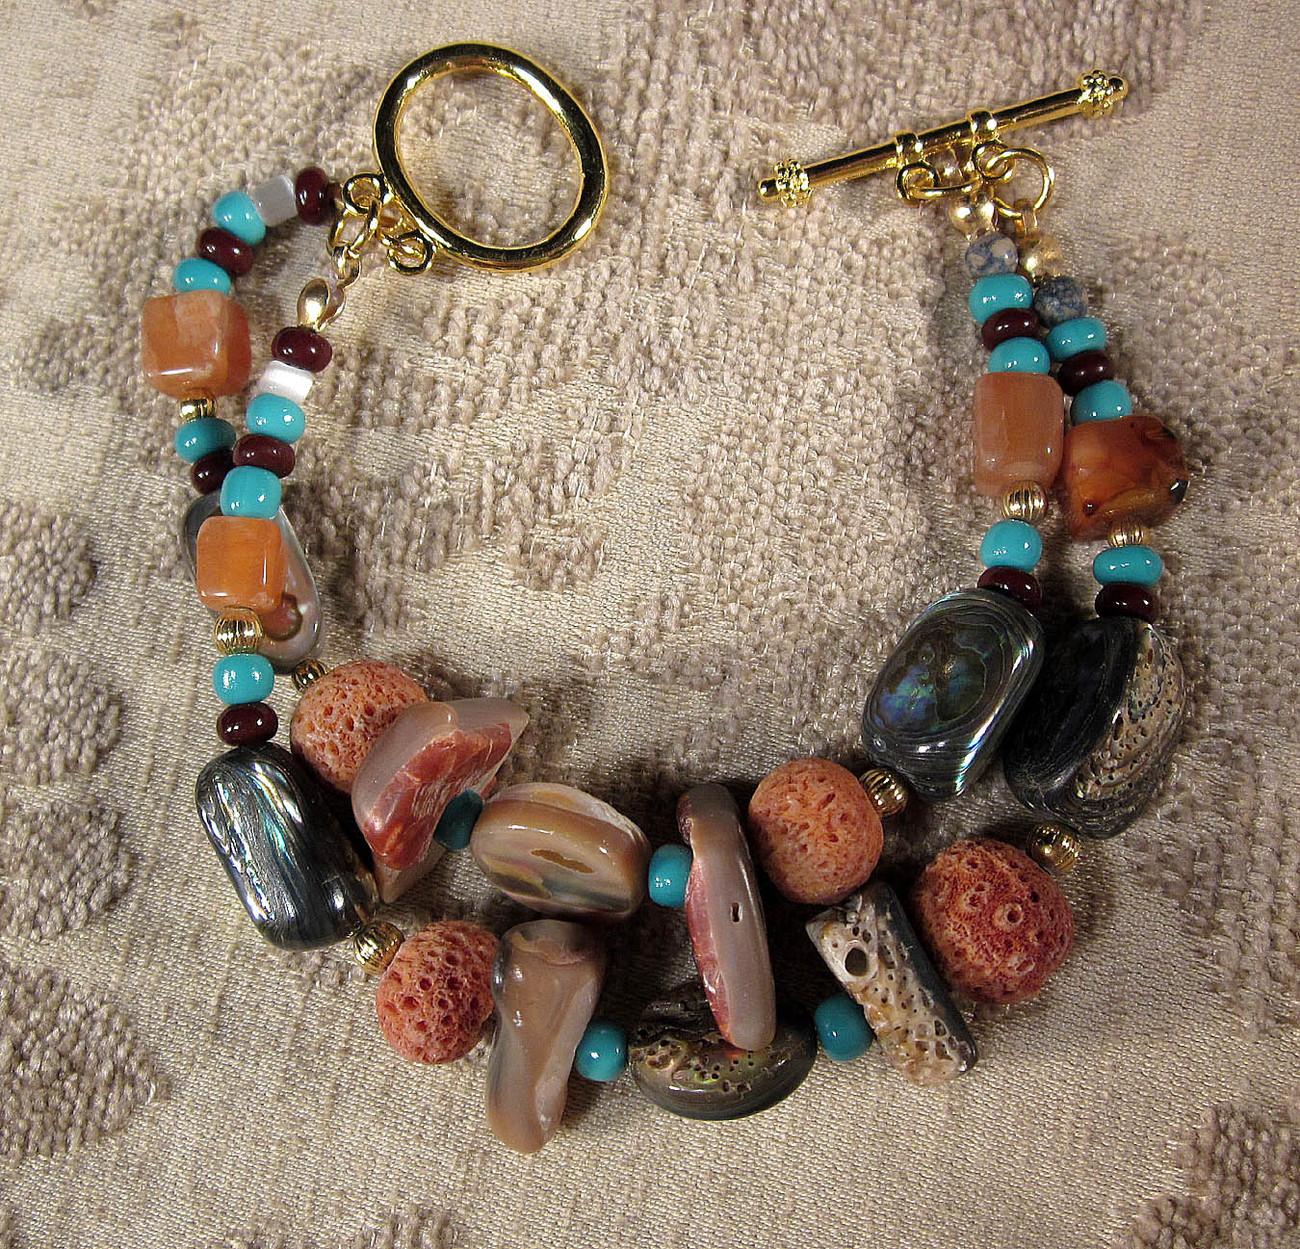 An original wearble art bracelet by Michael tarillion